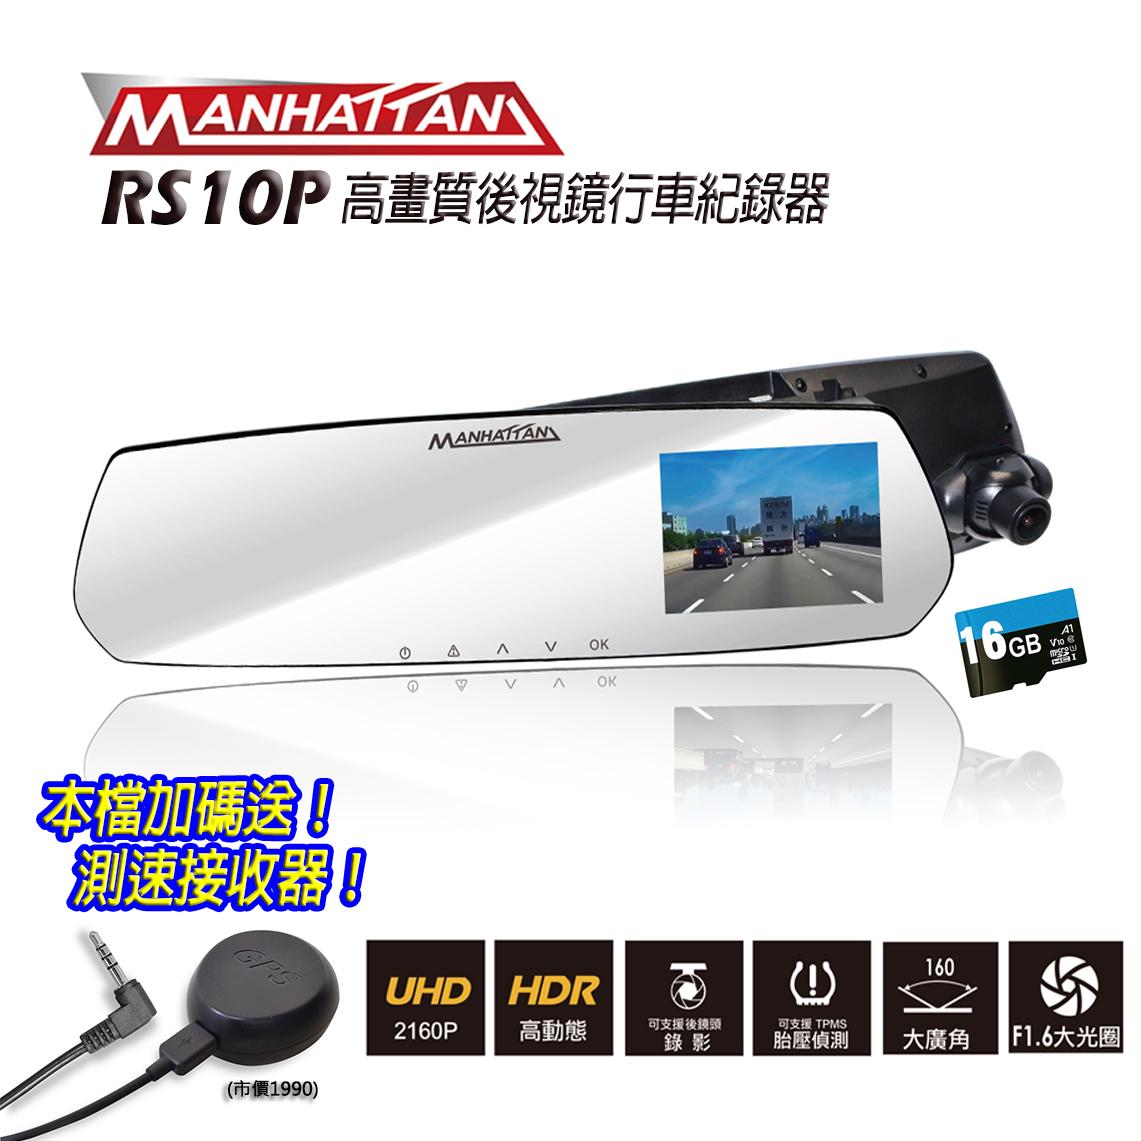 【加碼贈測速接收器】MANHATTAN曼哈頓RS10P高畫質4K後視鏡行車紀錄器(贈16G記憶卡)